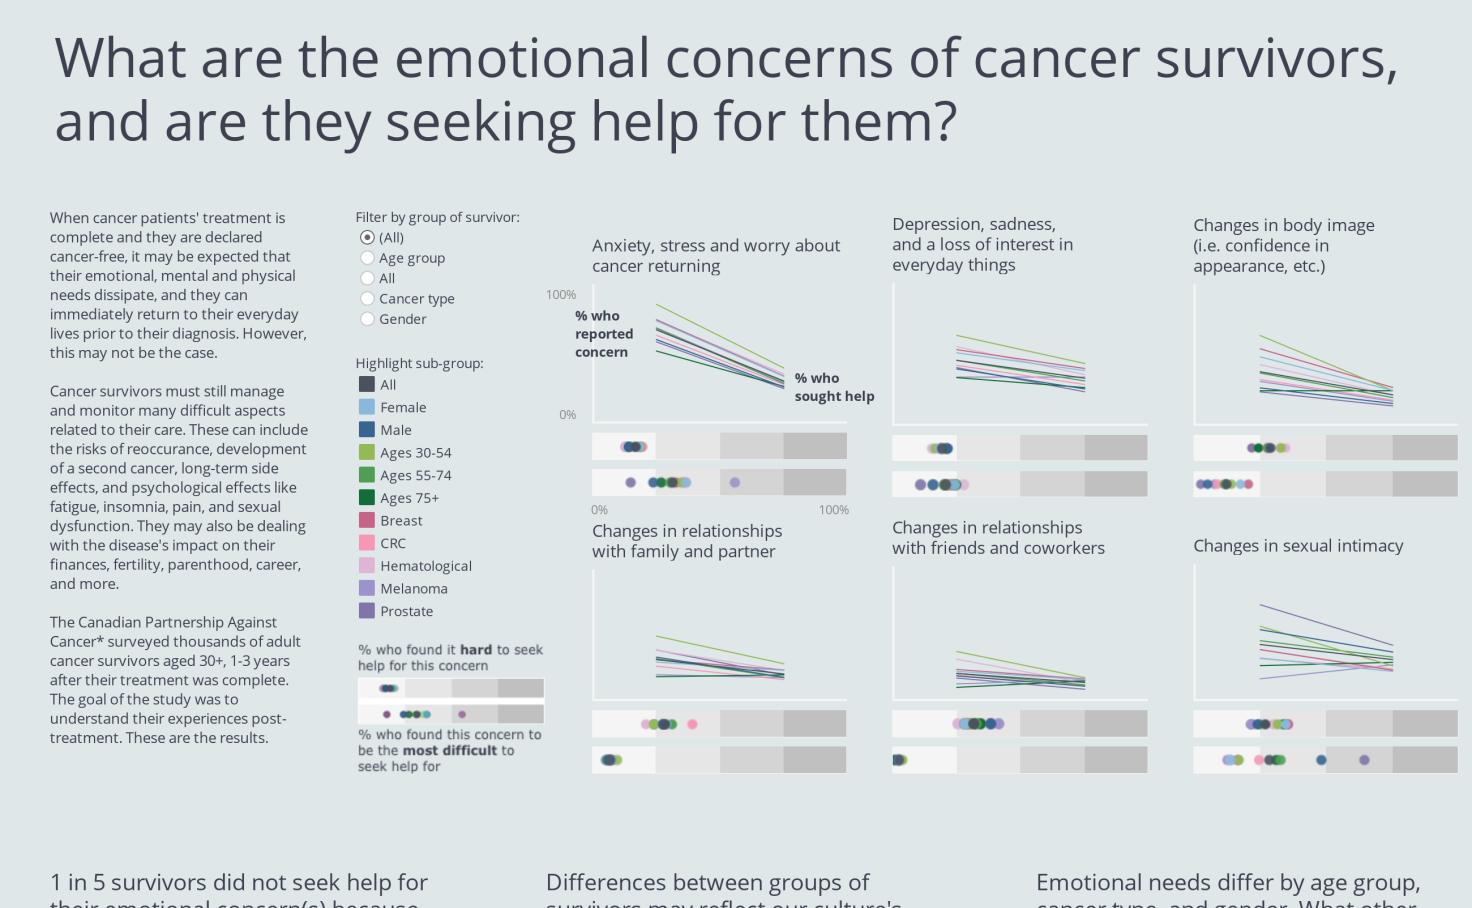 VOTD 07/05/2019: The Emotional Concerns of Cancer Survivors Version